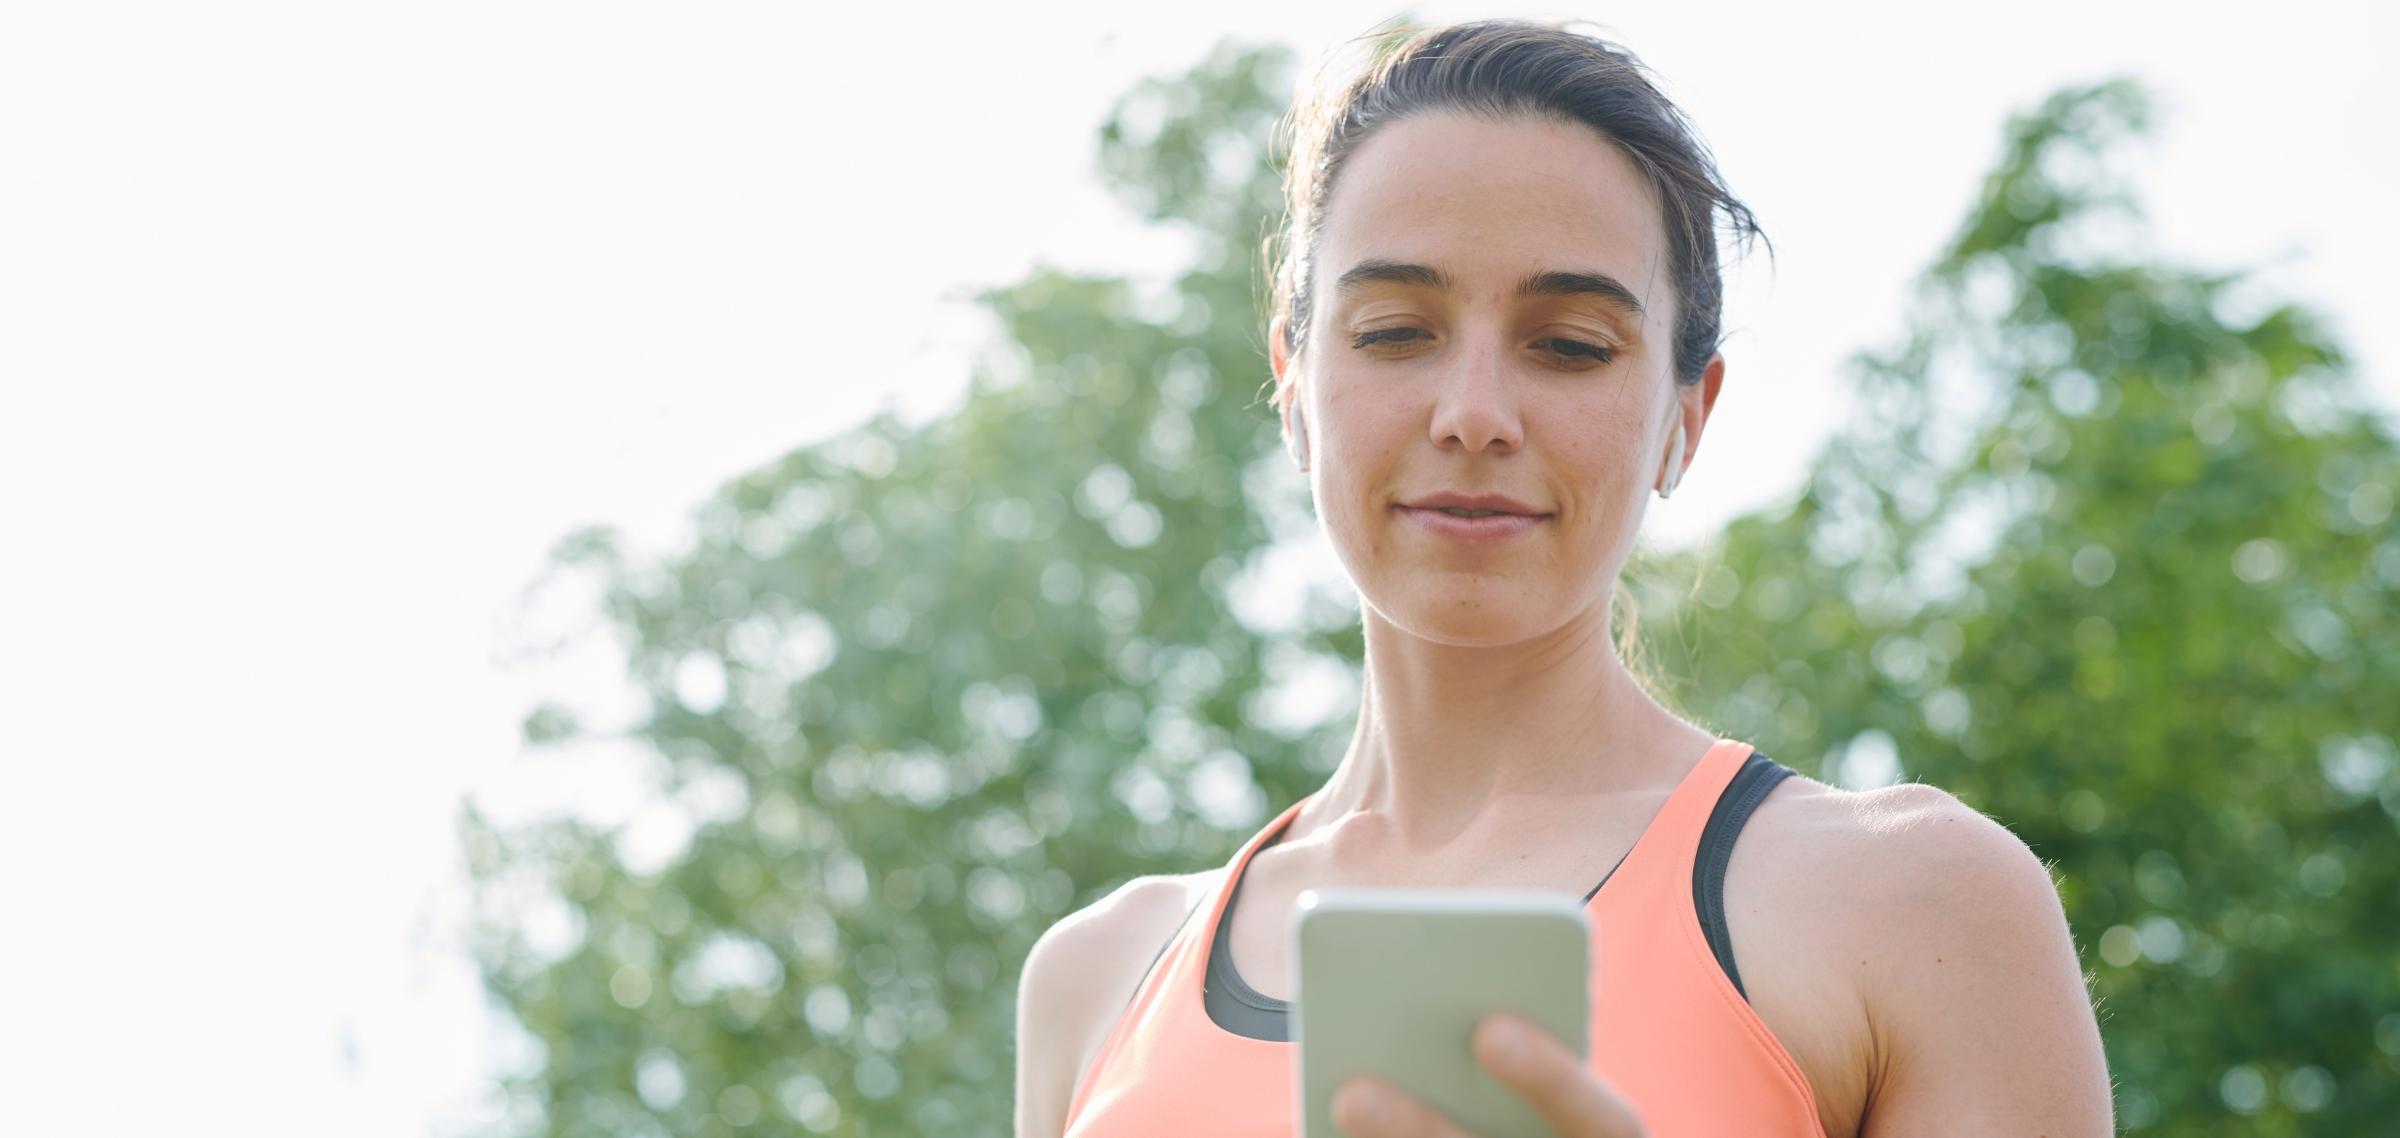 Frau mit ihrem Smartphone setzt Tipps für Yoga Social Media um